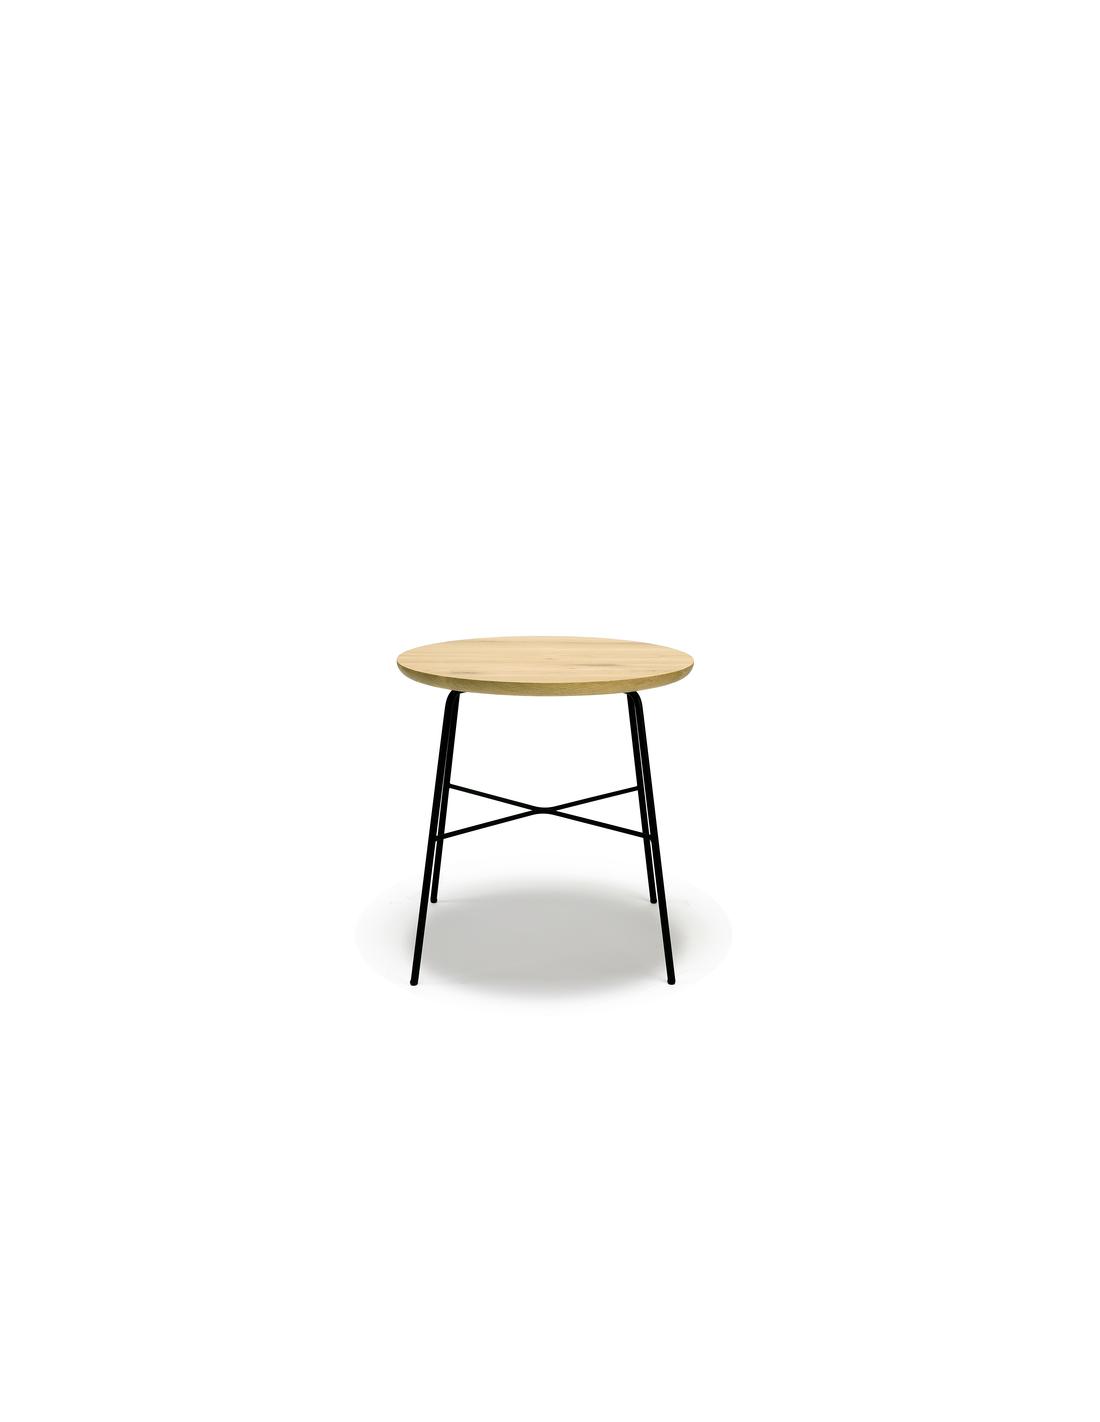 Chêne bout de canapé rectangulaire Disc 45 x 45 x 50